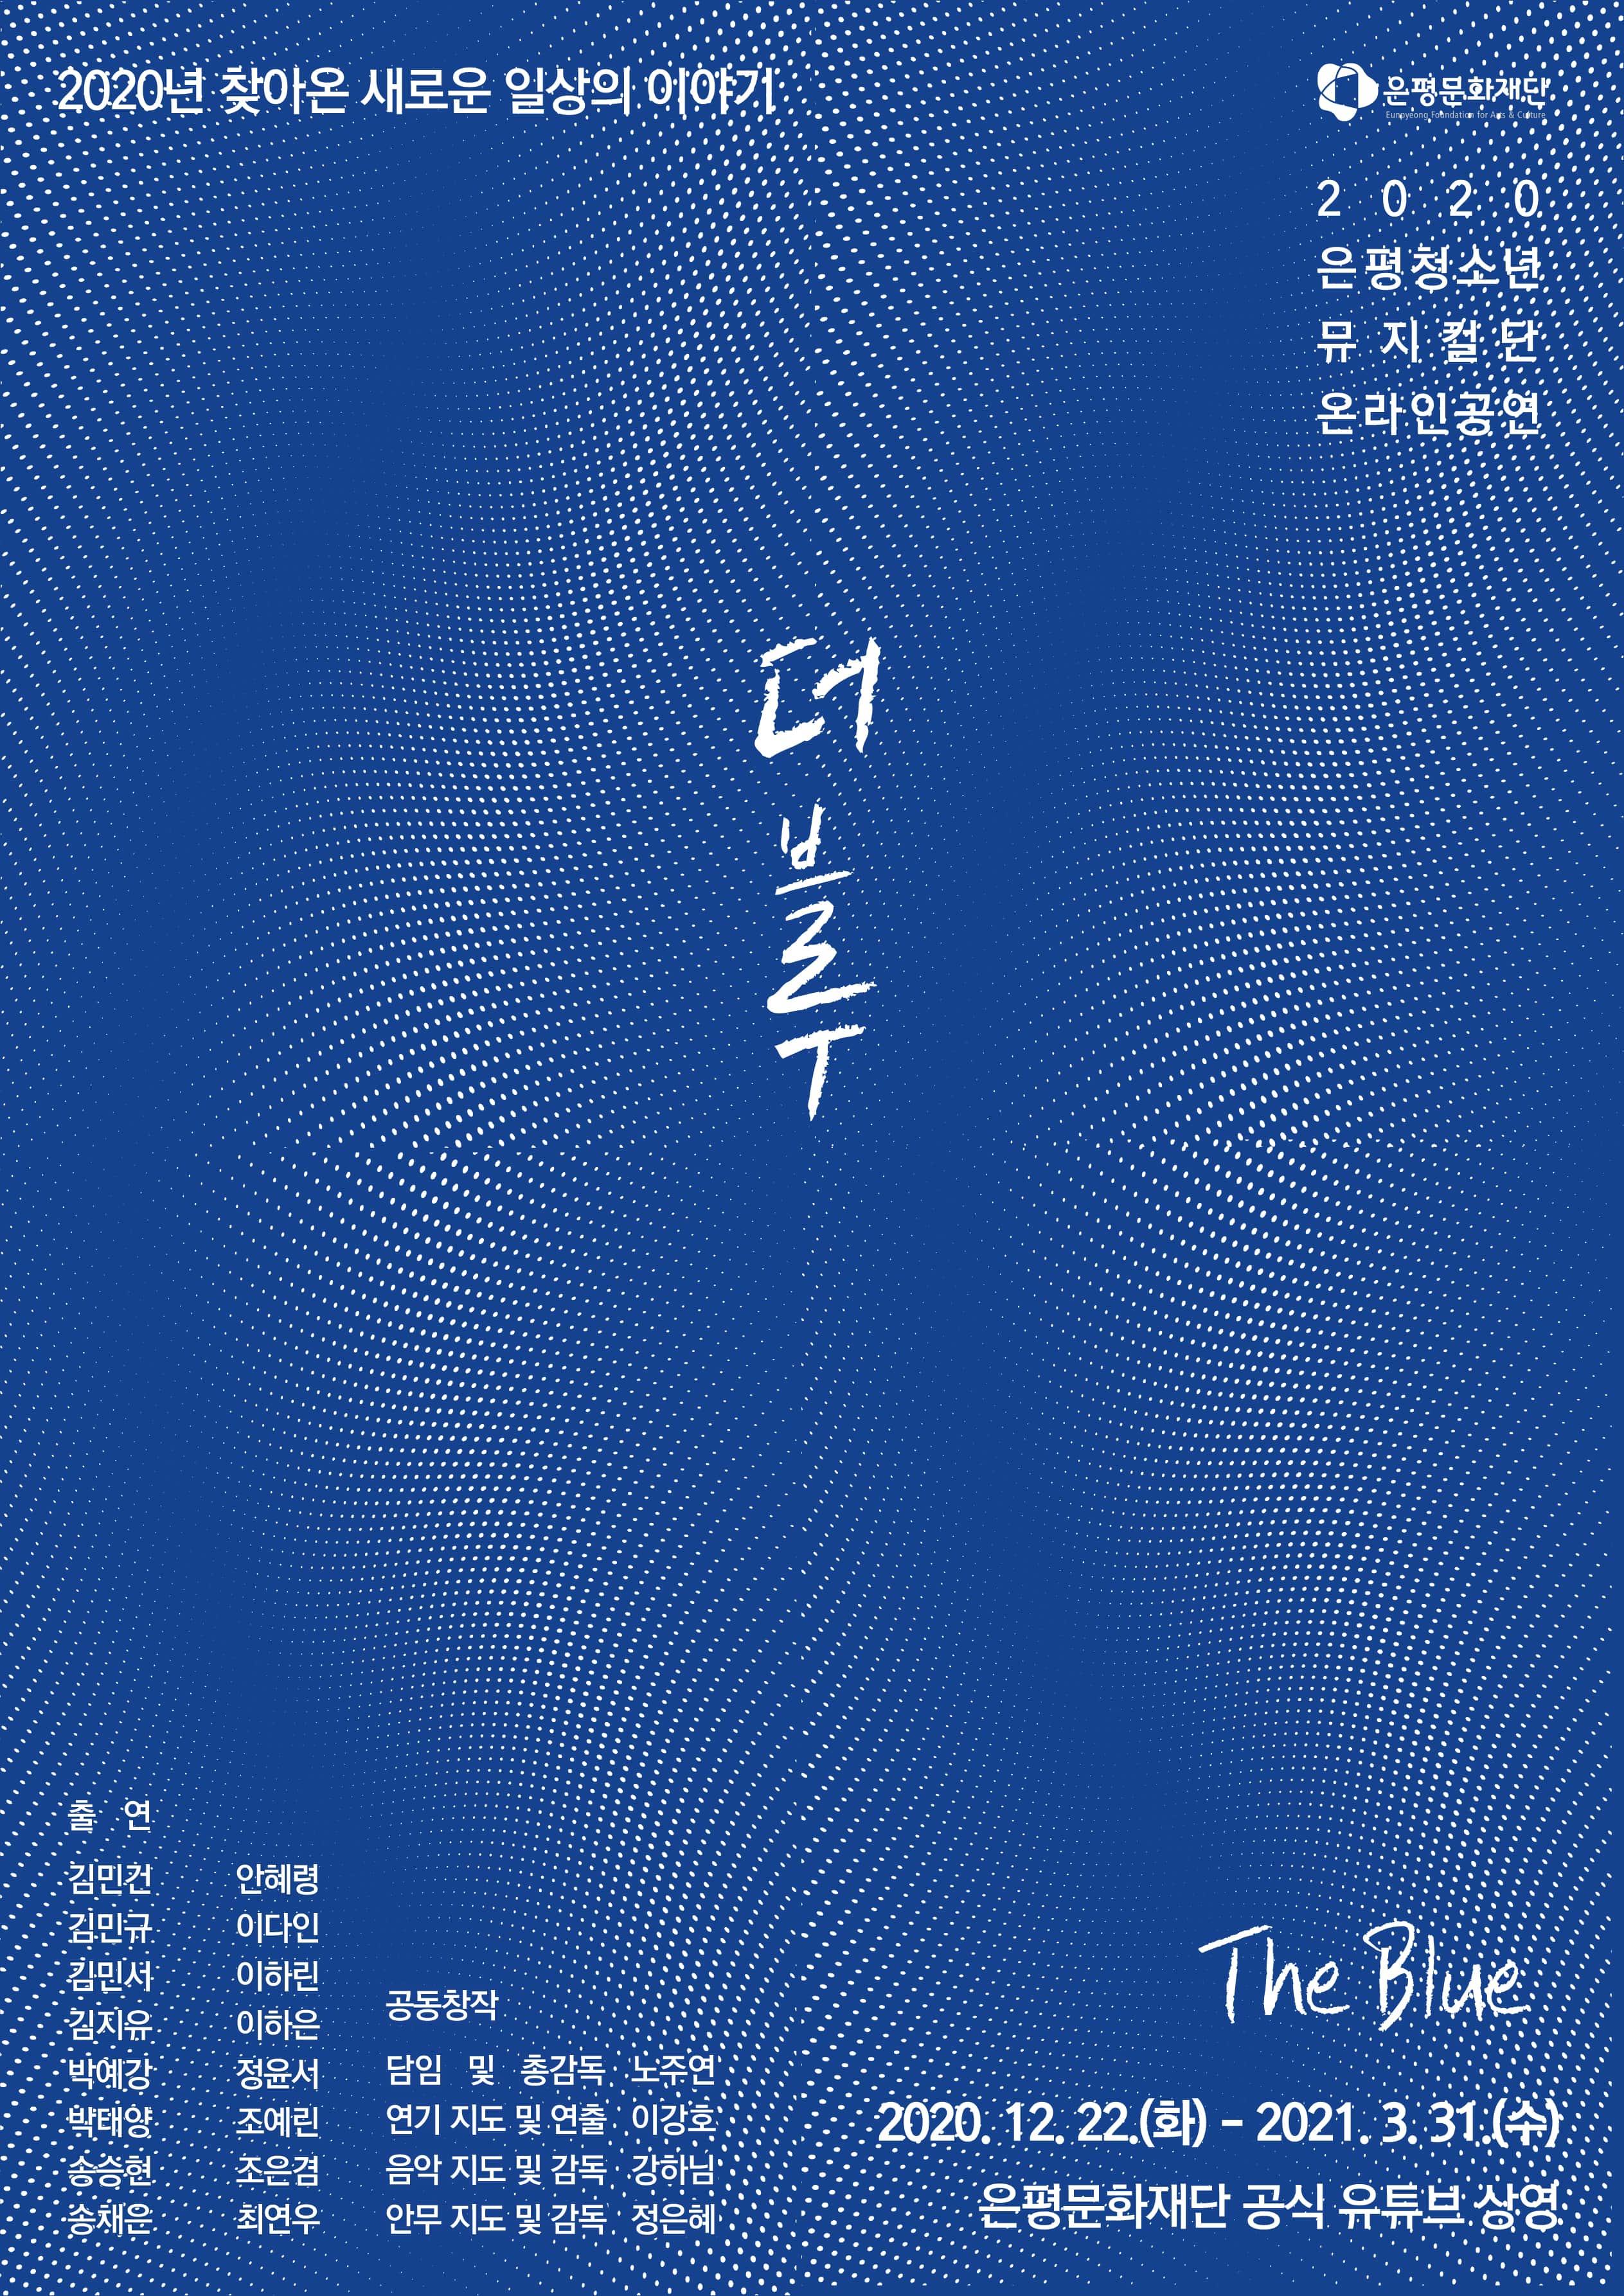 [은펑문화재단] 뮤지컬 <더 블루, The Blue> 온라인 상영